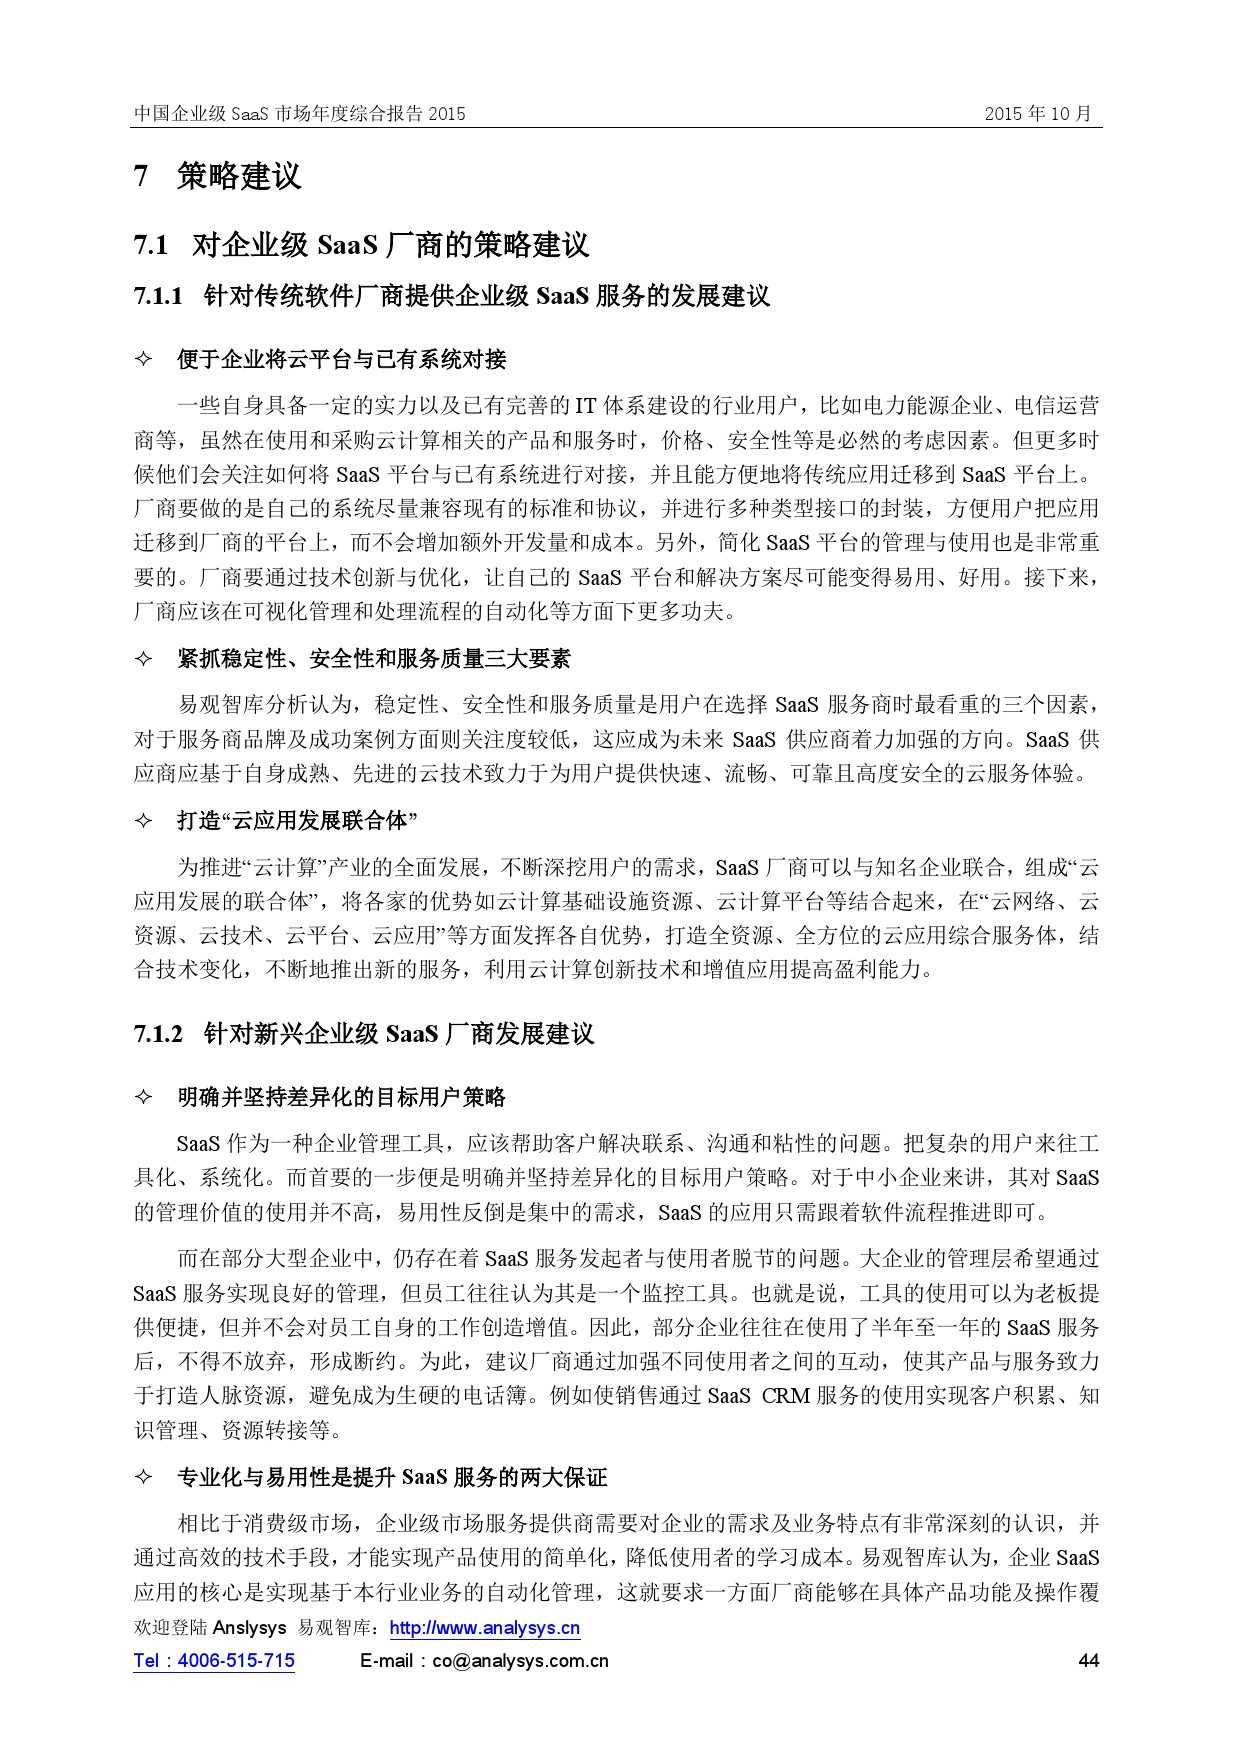 中国企业级SaaS市场年度综合报告2015 01_000044